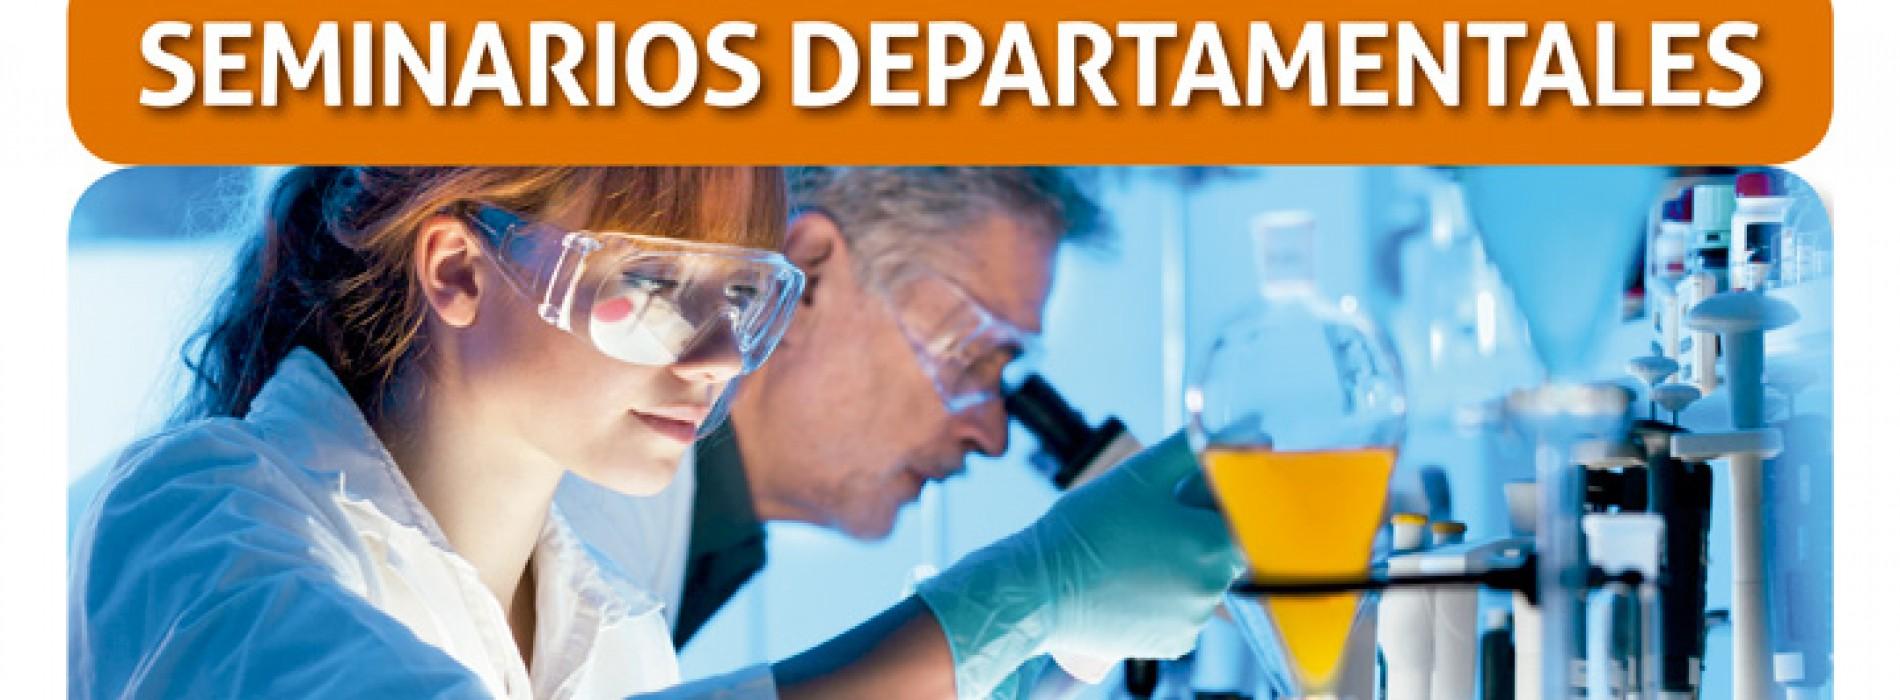 Seminarios Departamentales